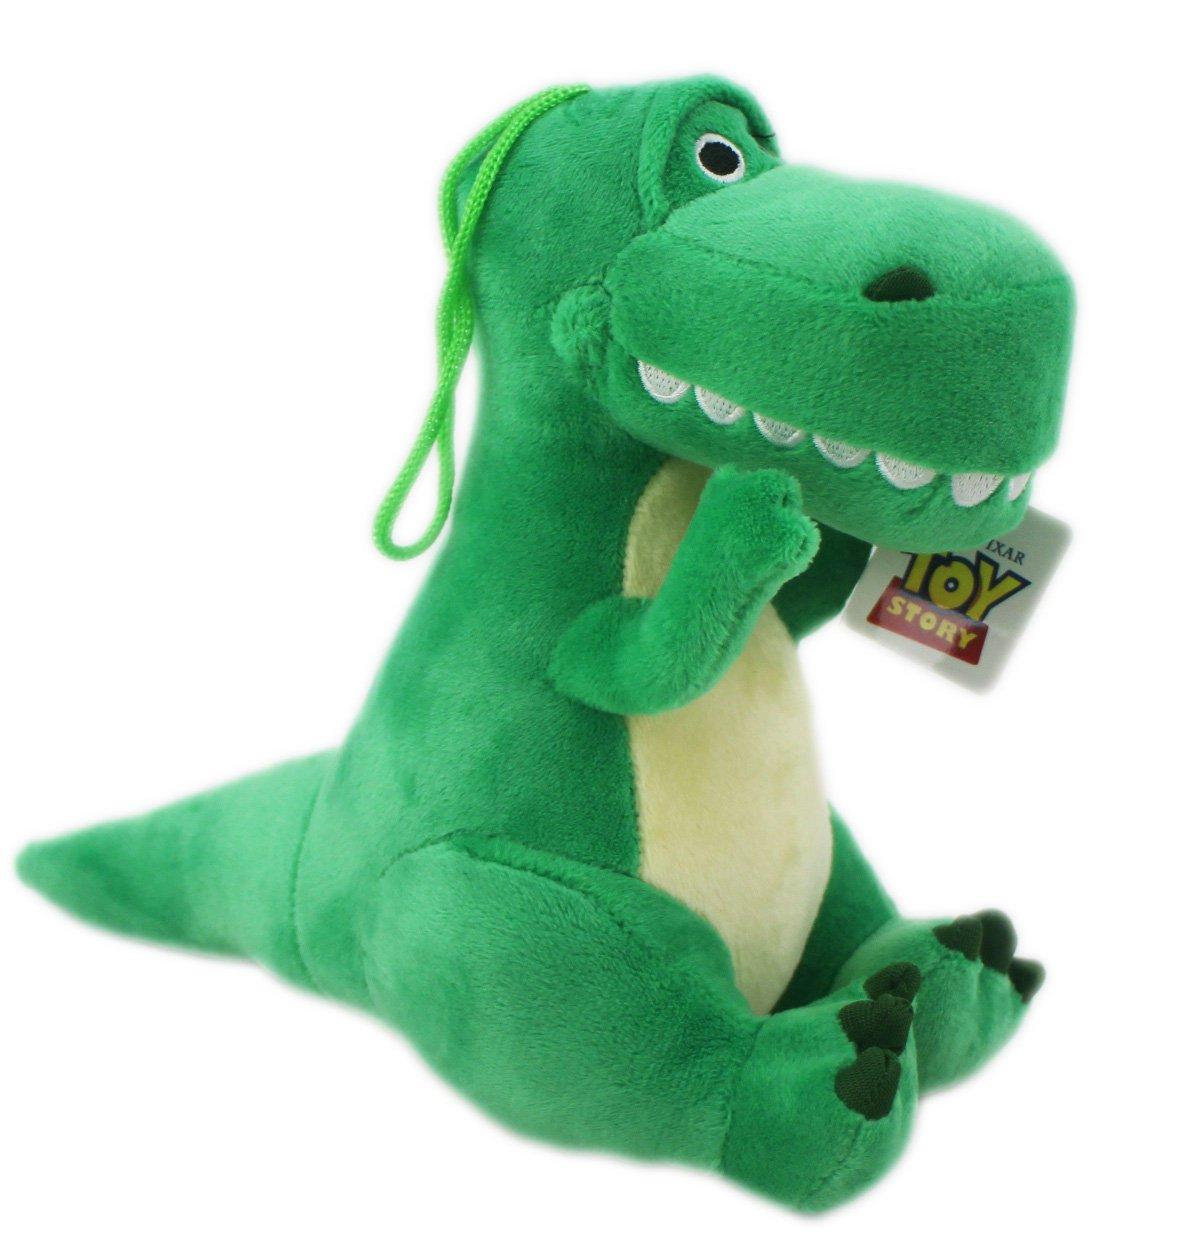 【卡漫迷】 抱抱龍 玩偶 20cm 絨毛 ㊣版 Toy Story 玩具總動員 Rex 裝飾擺飾 娃娃 布偶 恐龍 暴龍